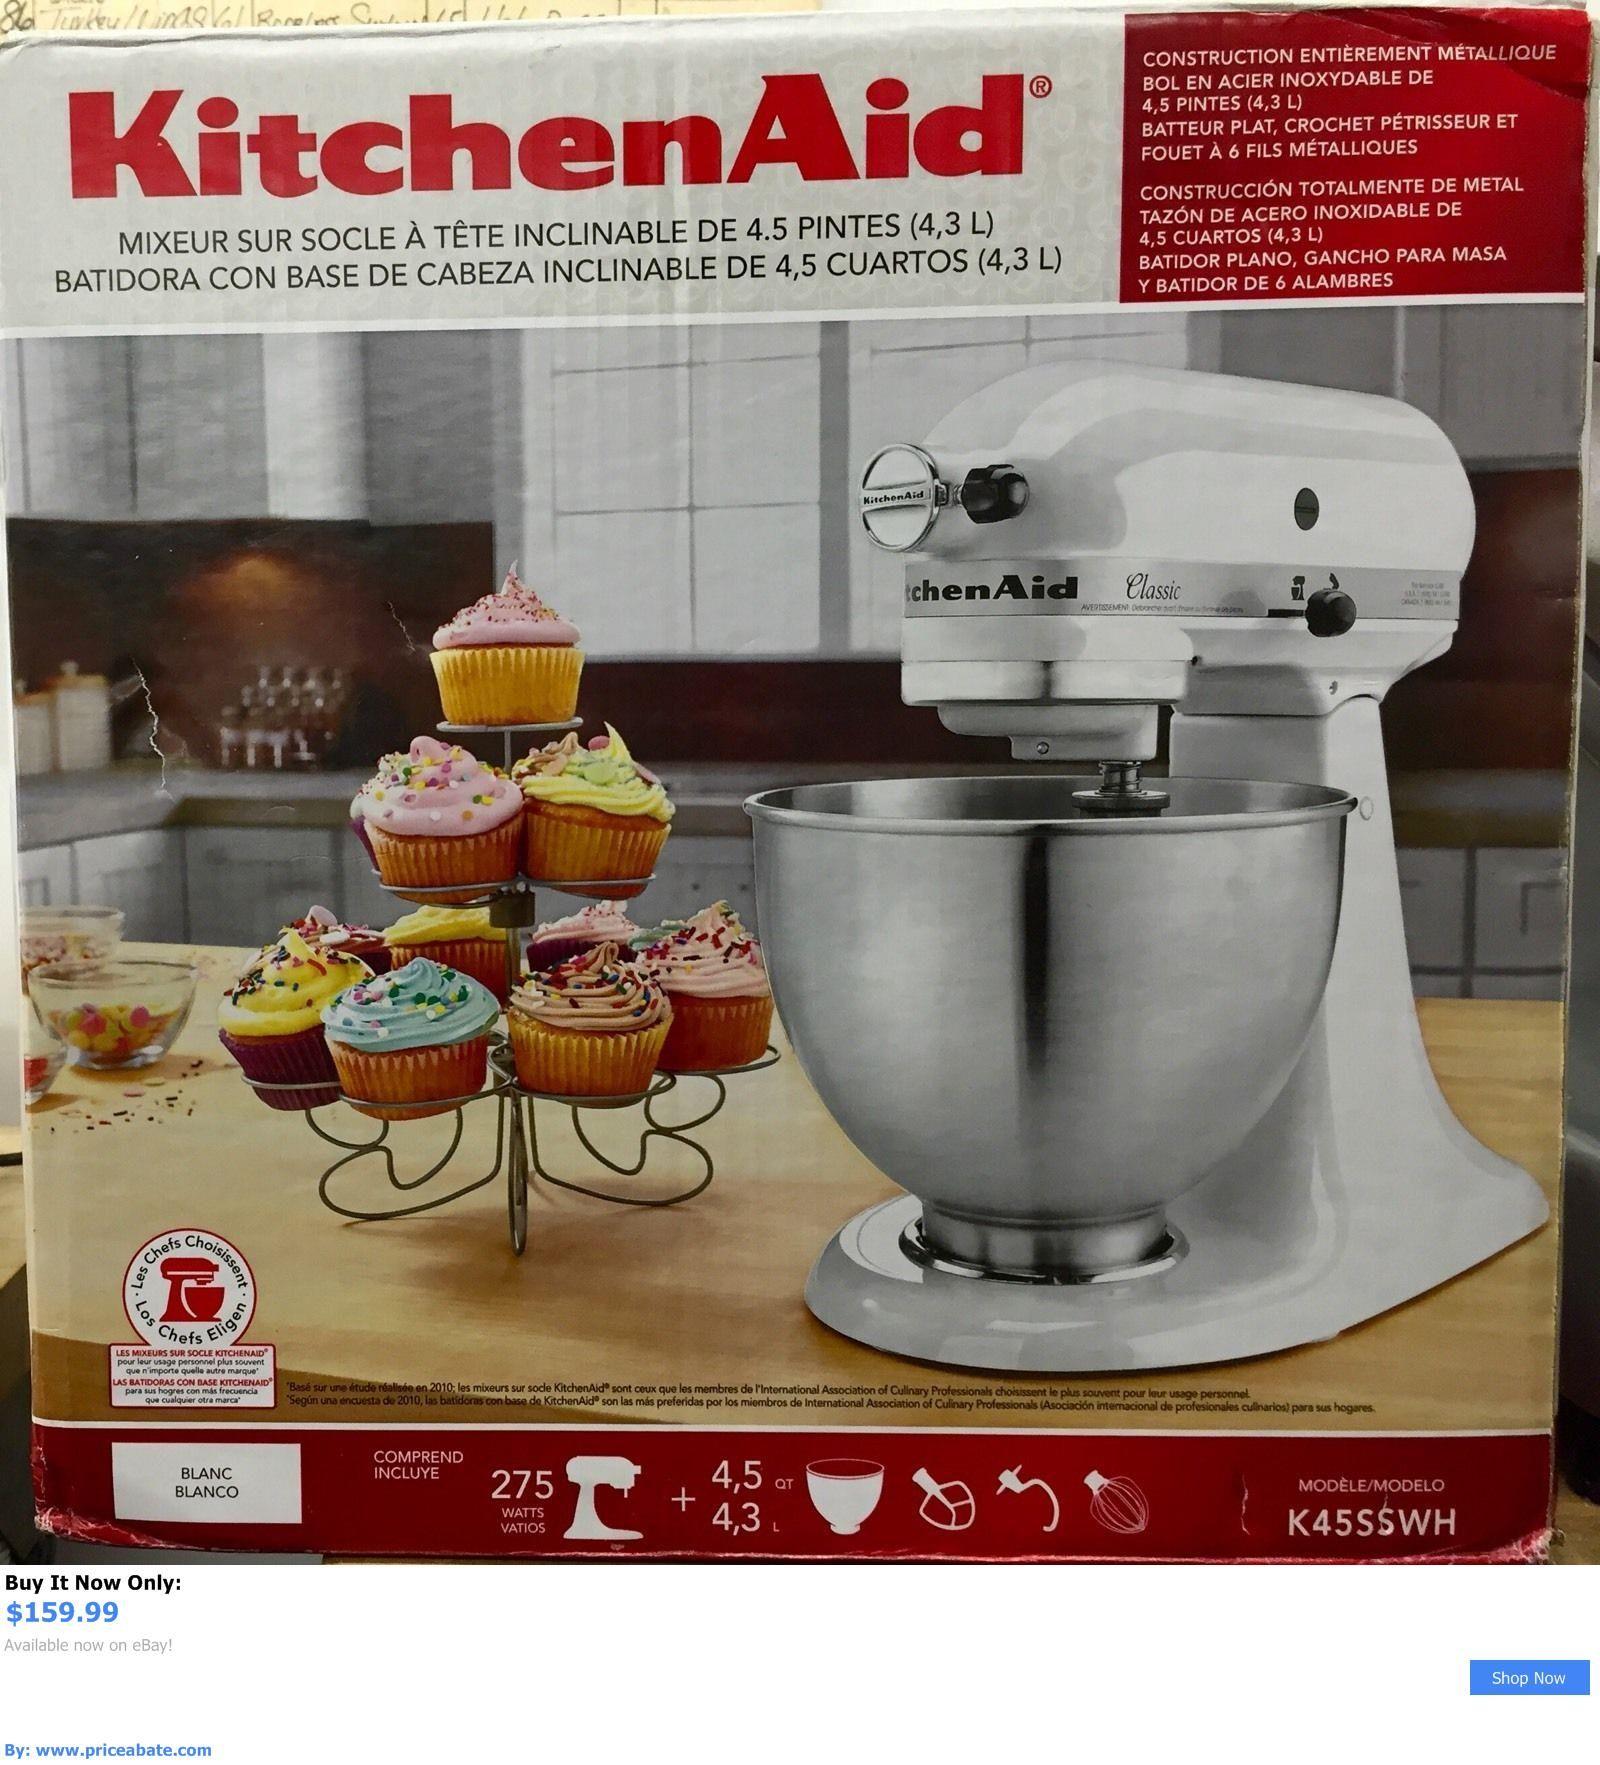 appliances New Kitchen Aid K45ss White 275 Watt 4 1 2 Quart Tilt